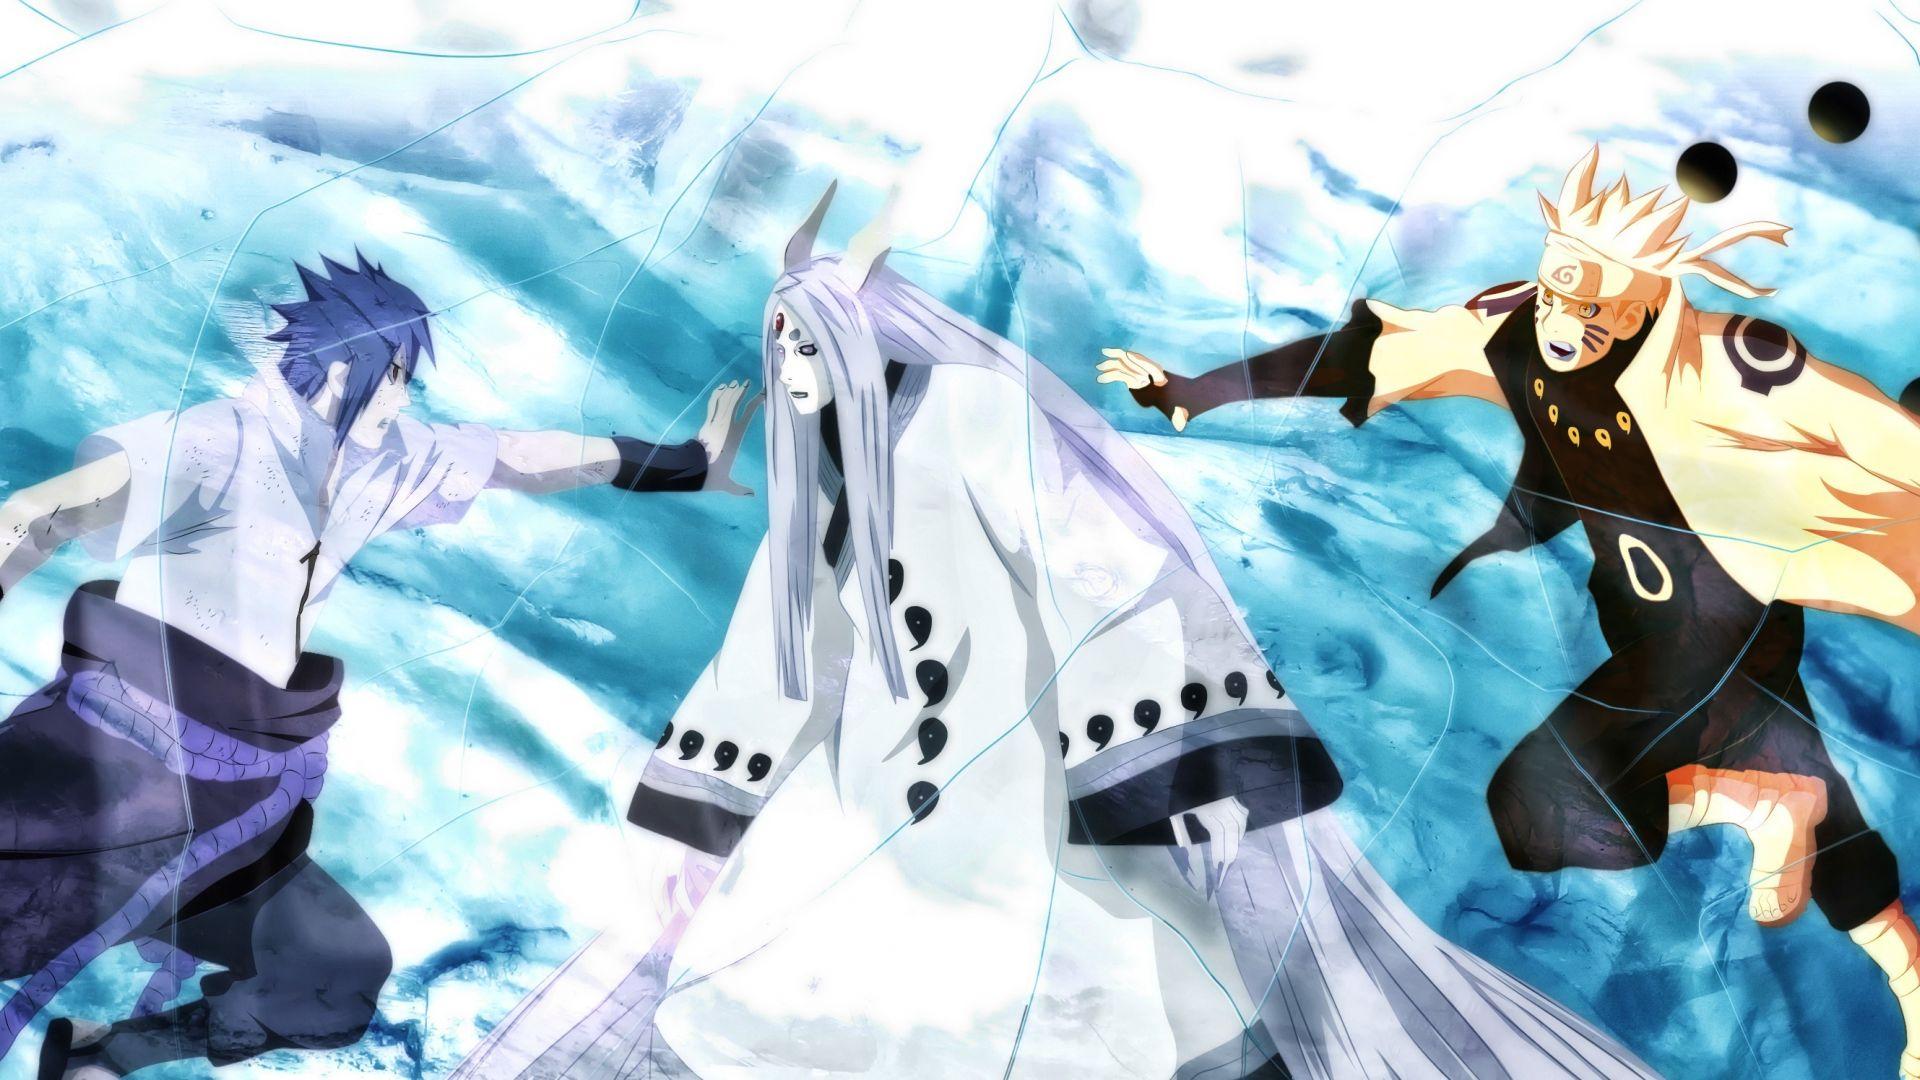 Desktop Wallpaper Naruto Naruto Shippuden Sasuke Sharingan